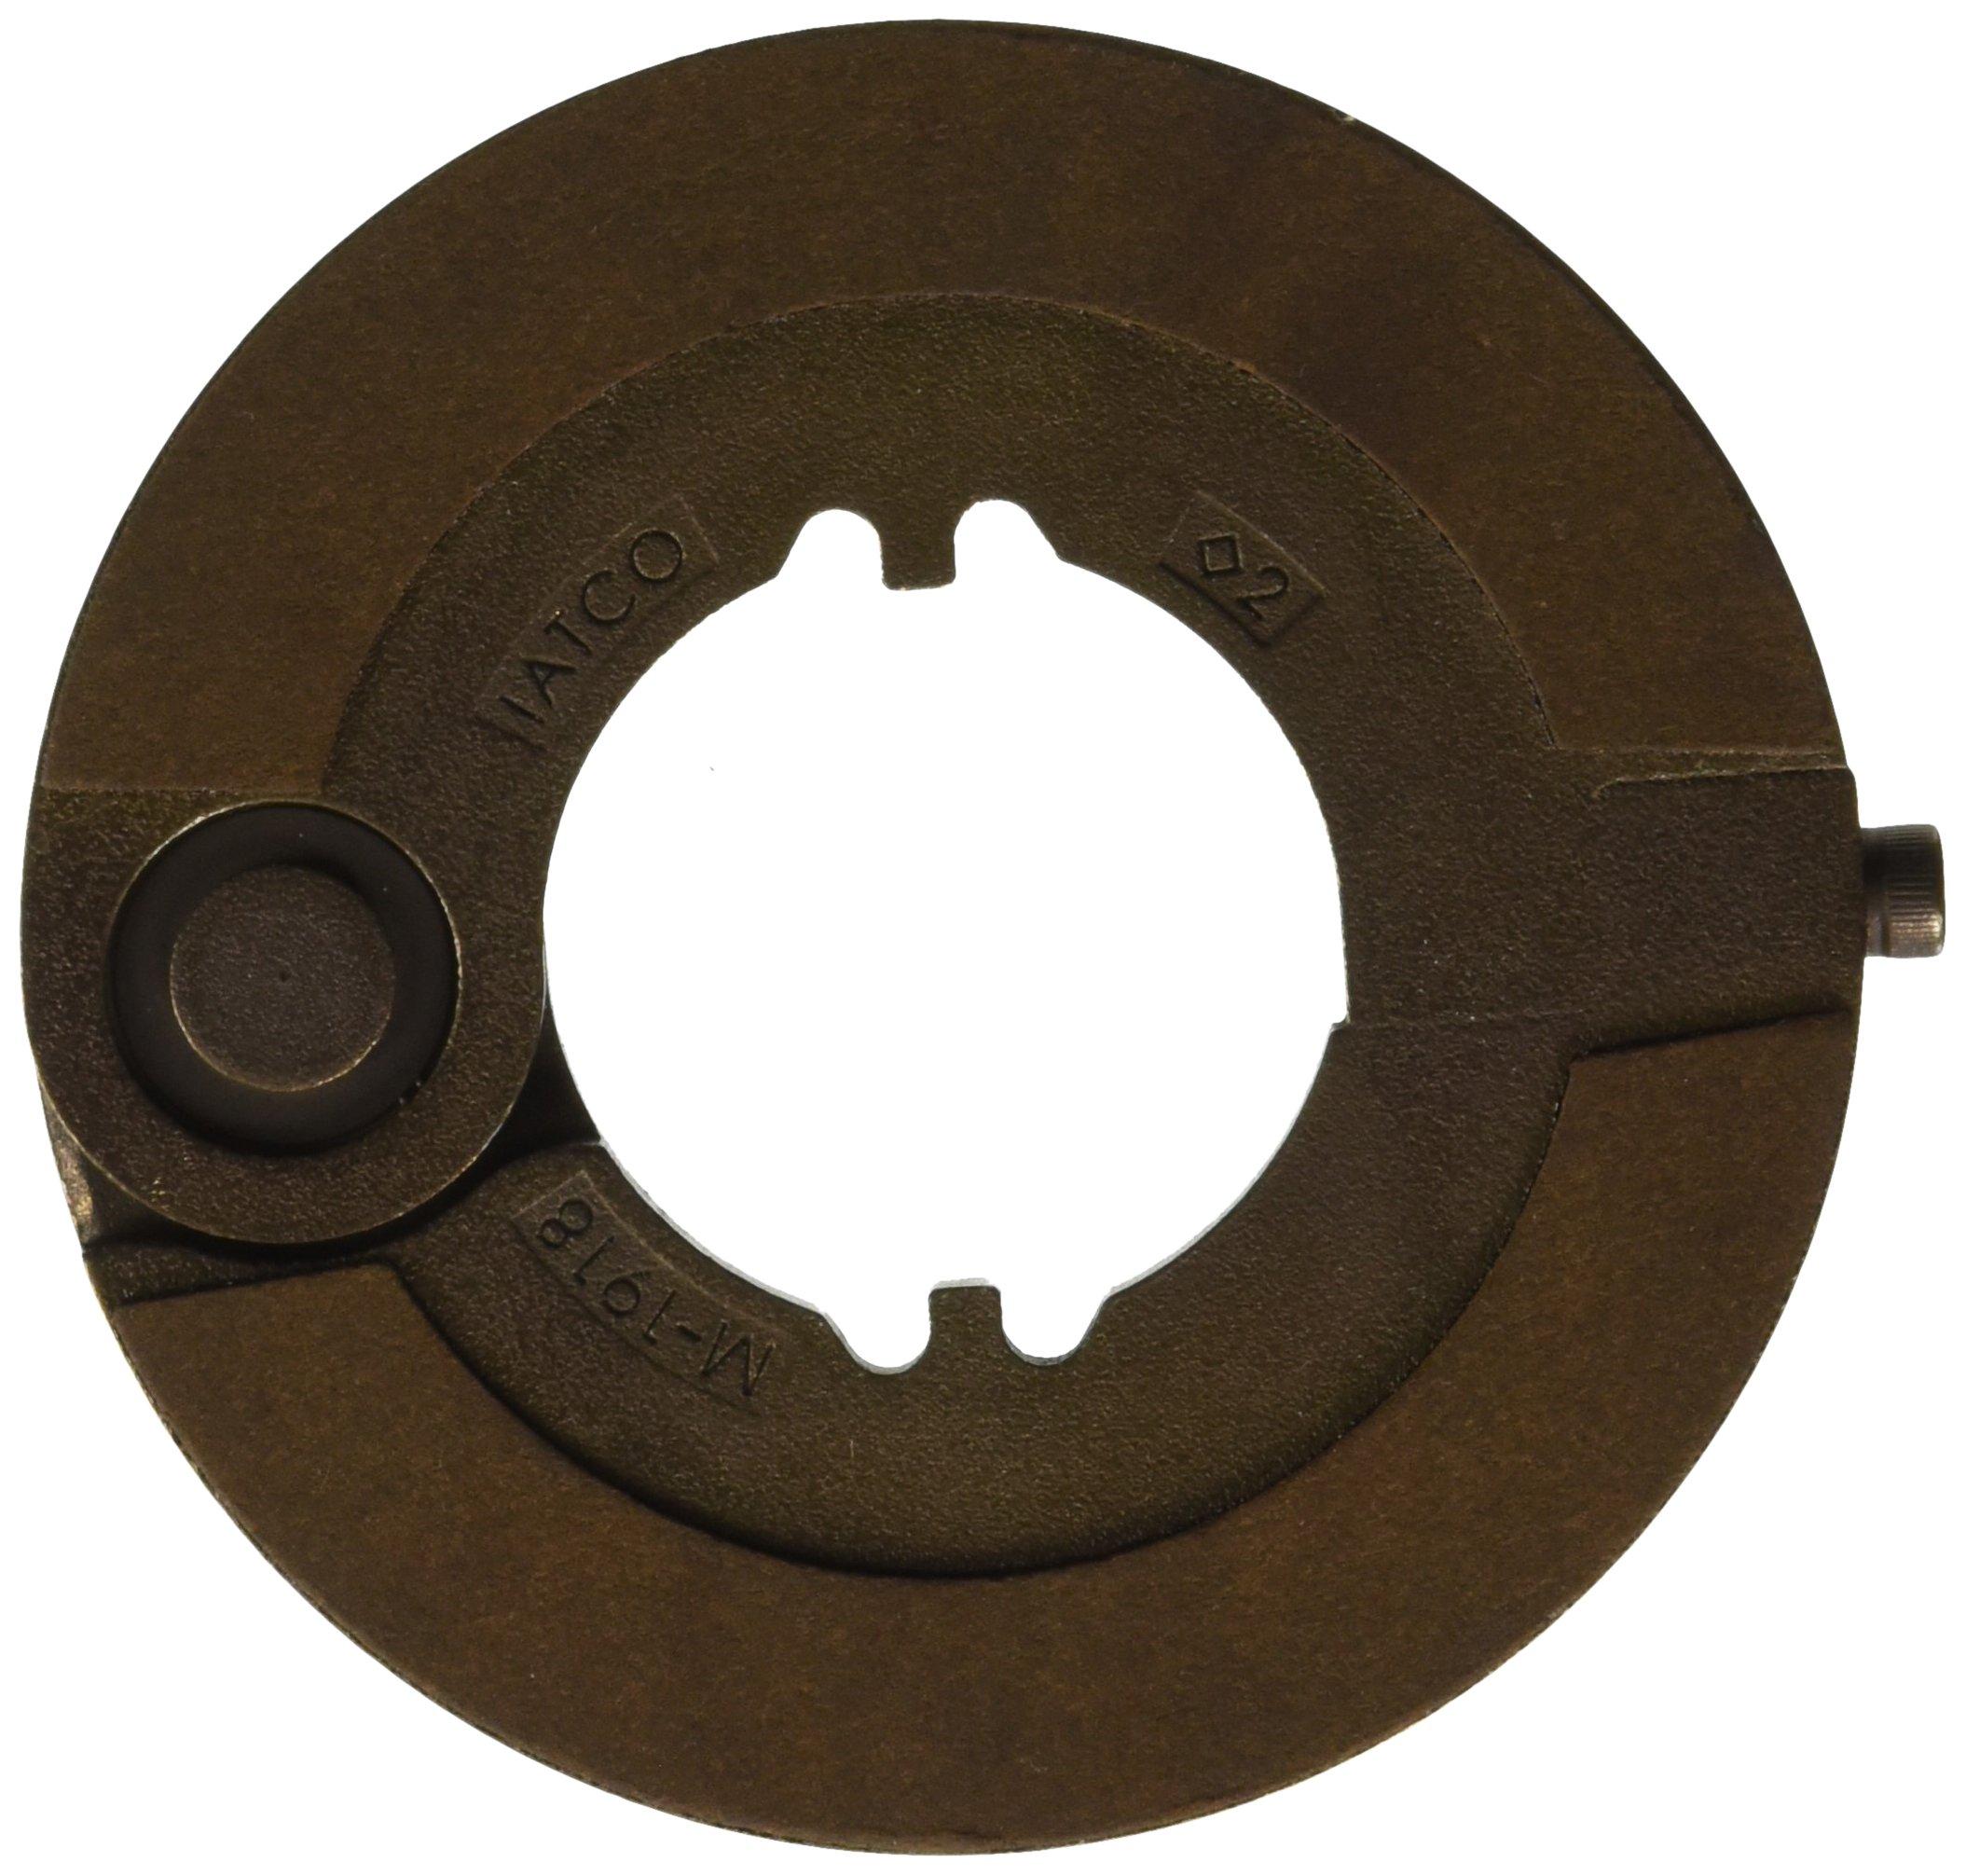 IATCO BK-312-380-IAT 1 3/4'' Hinged Clutch Brake (.380'' Thick) by IATCO